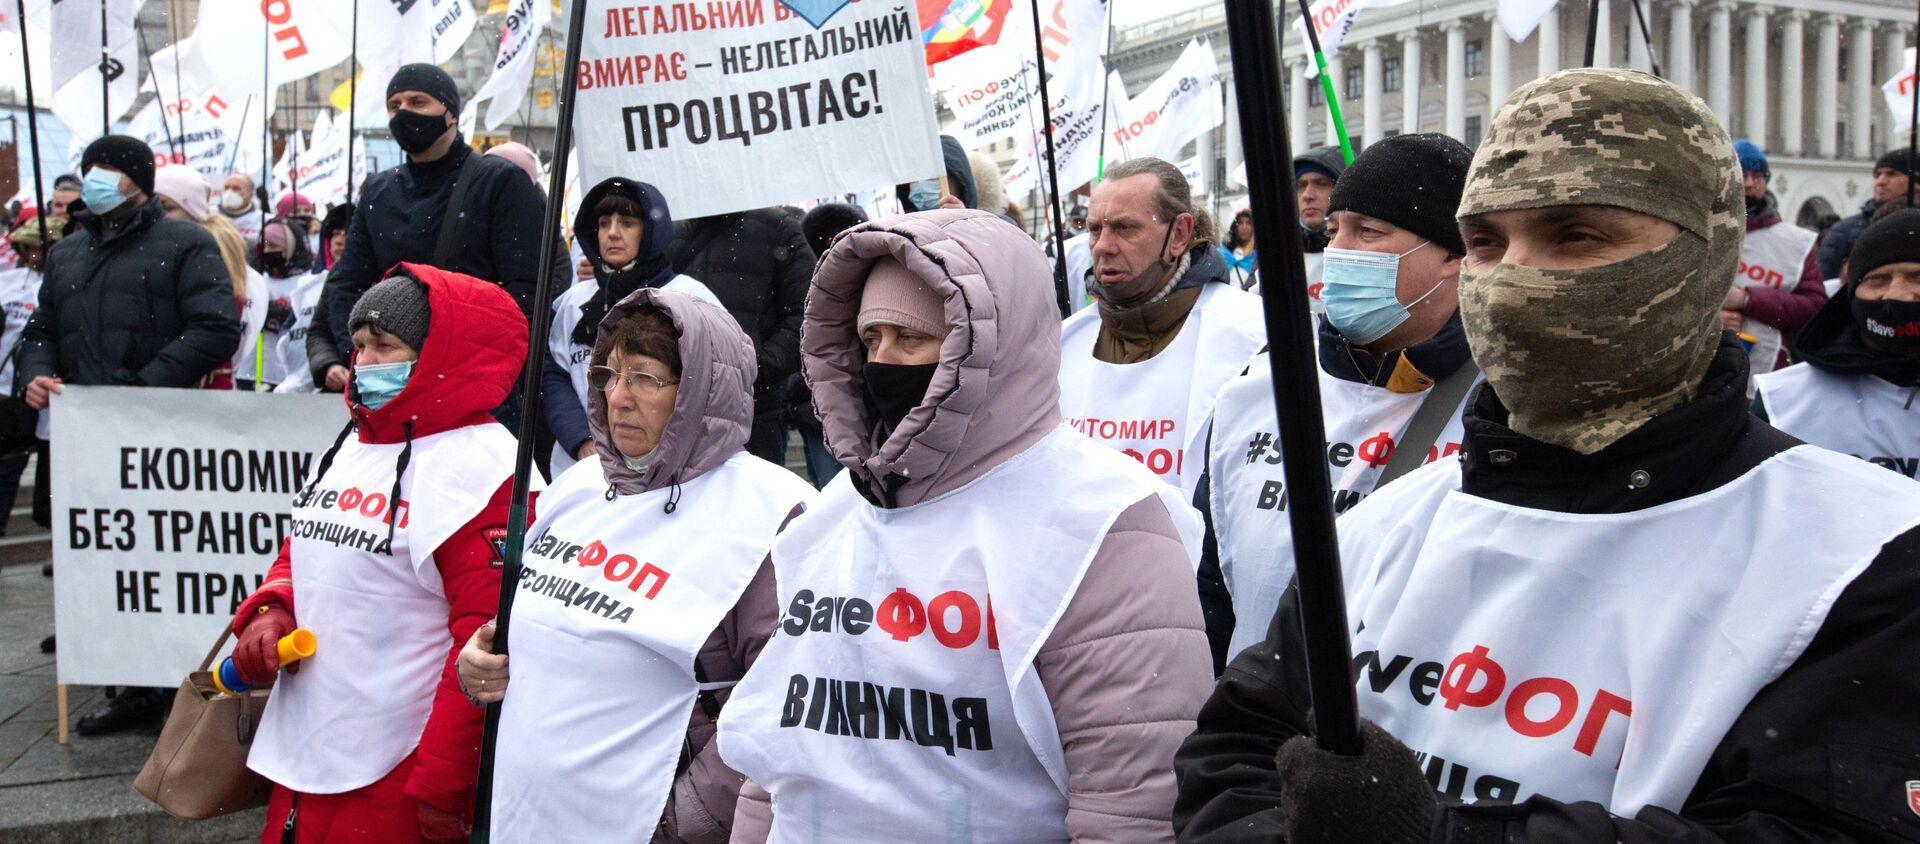 Uczestnicy protestu w Kijowie przeciwko antykoronawirusowym ograniczeniom - Sputnik Polska, 1920, 22.03.2021